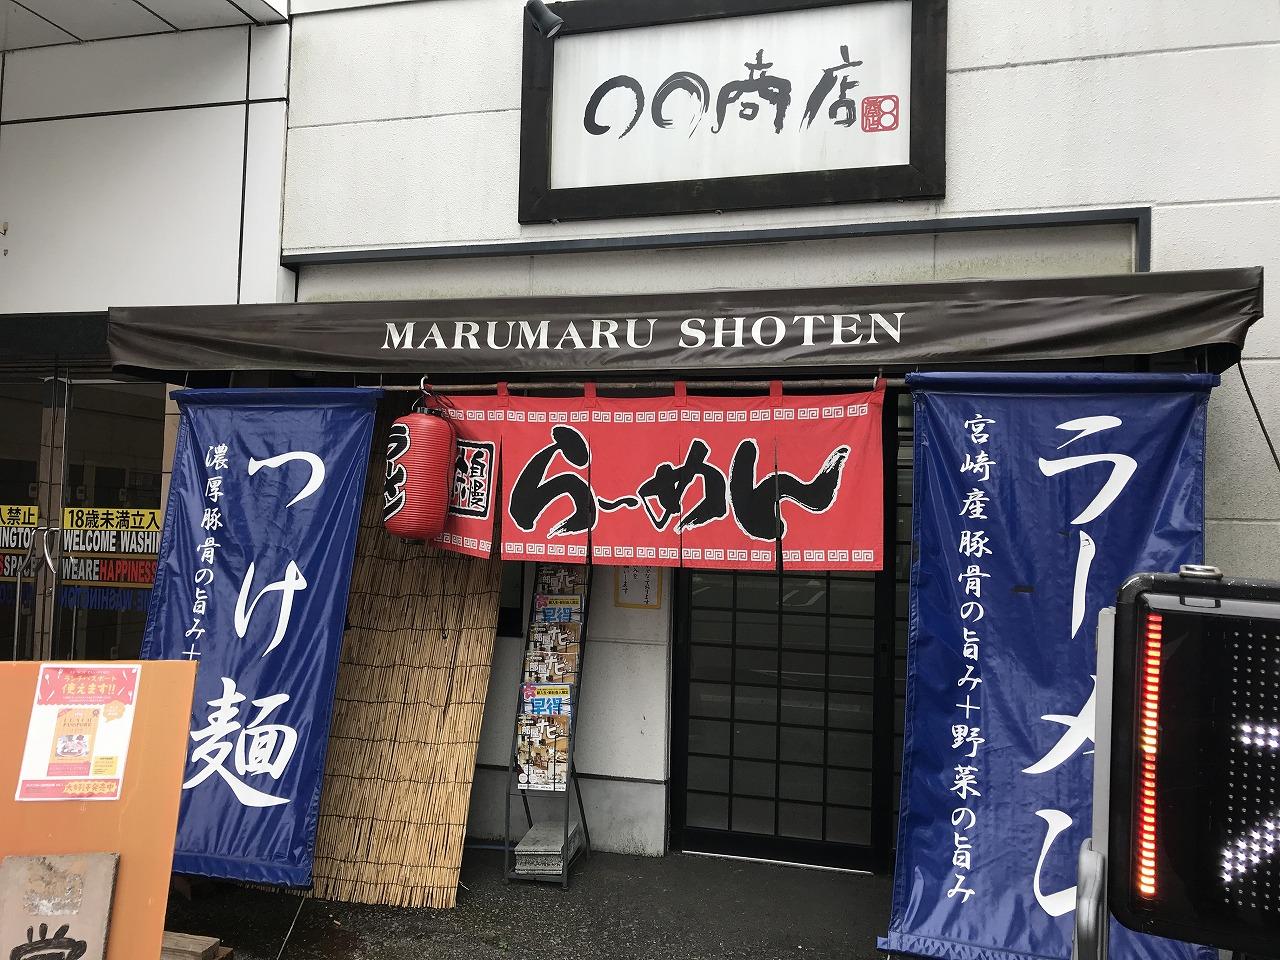 ○○商店(柳丸店)外観